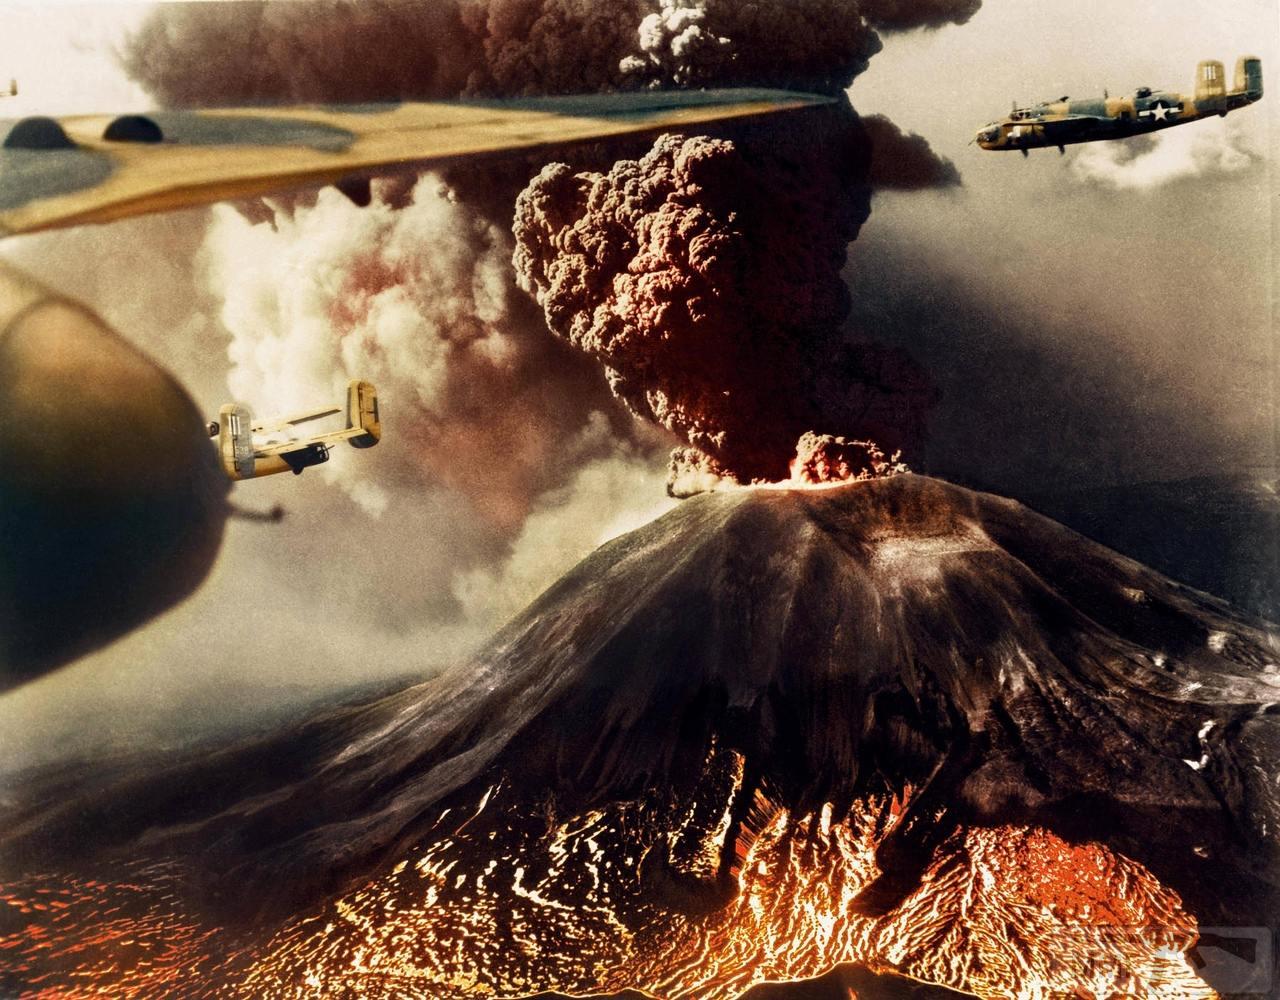 67762 - Военное фото 1939-1945 г.г. Западный фронт и Африка.